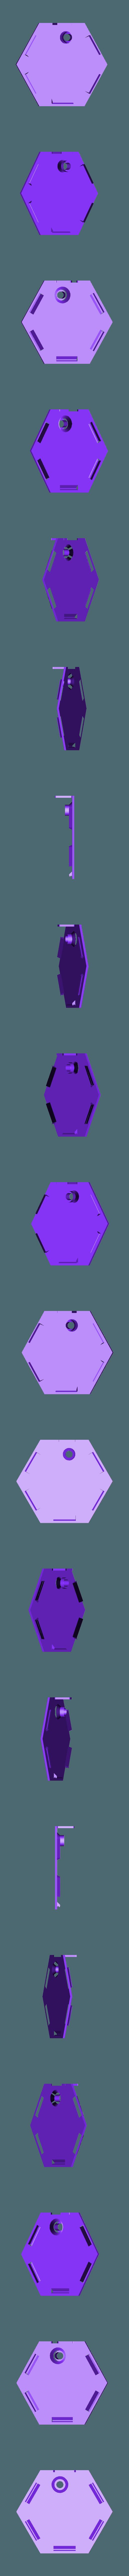 itsy-cover.stl Télécharger fichier STL gratuit Collier de coeur NeoPixel LED • Plan imprimable en 3D, Adafruit